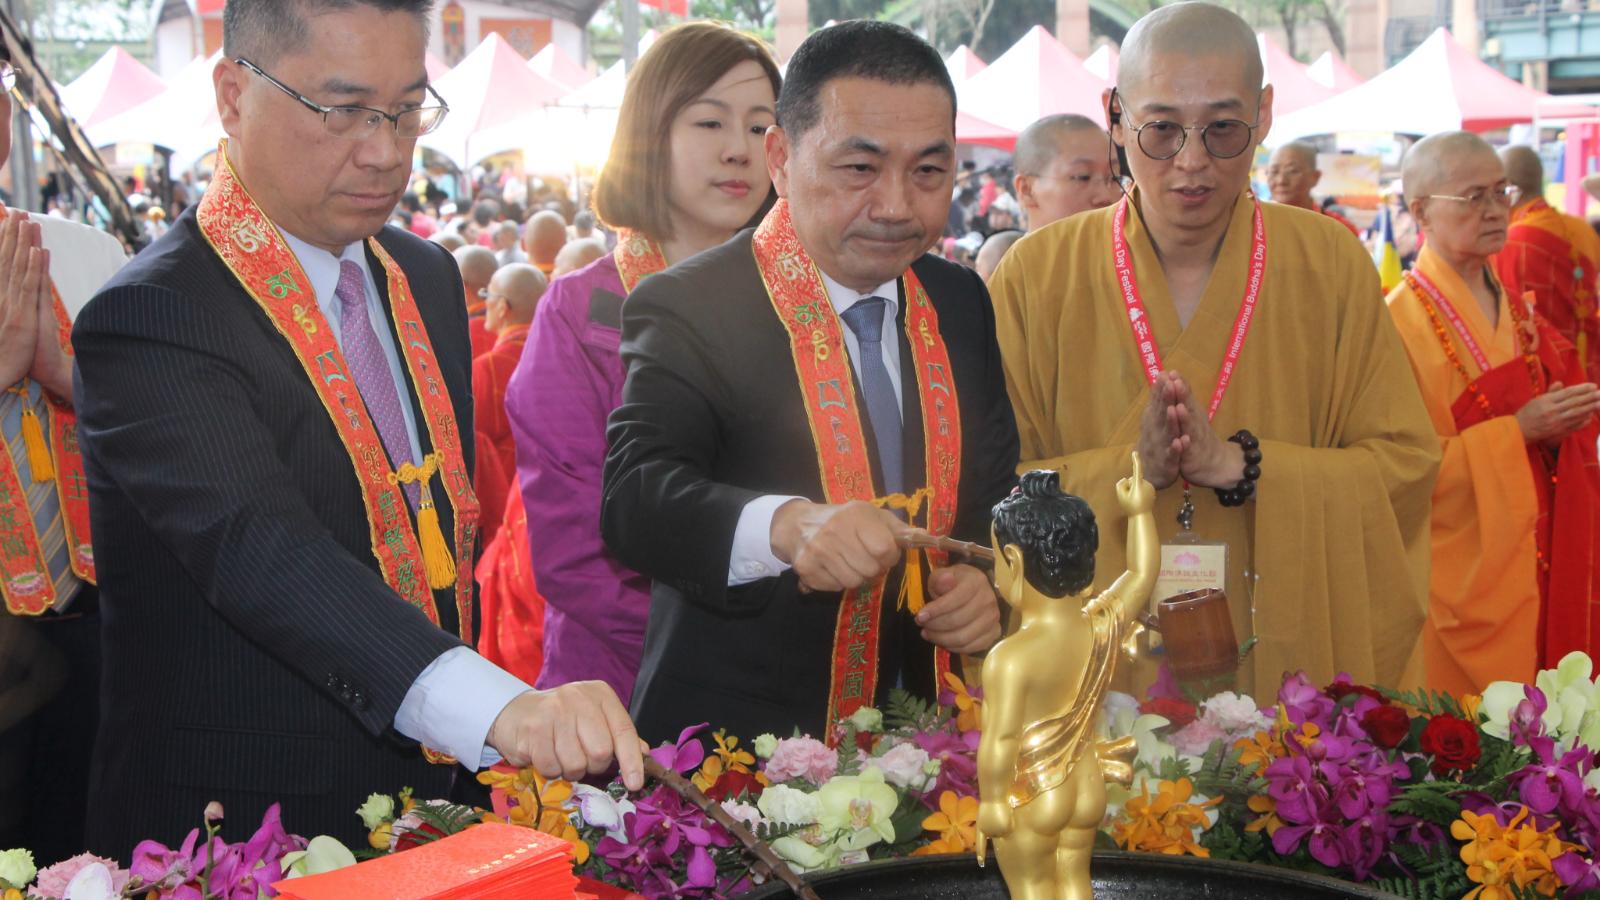 市長舀香湯灌沐佛陀聖像